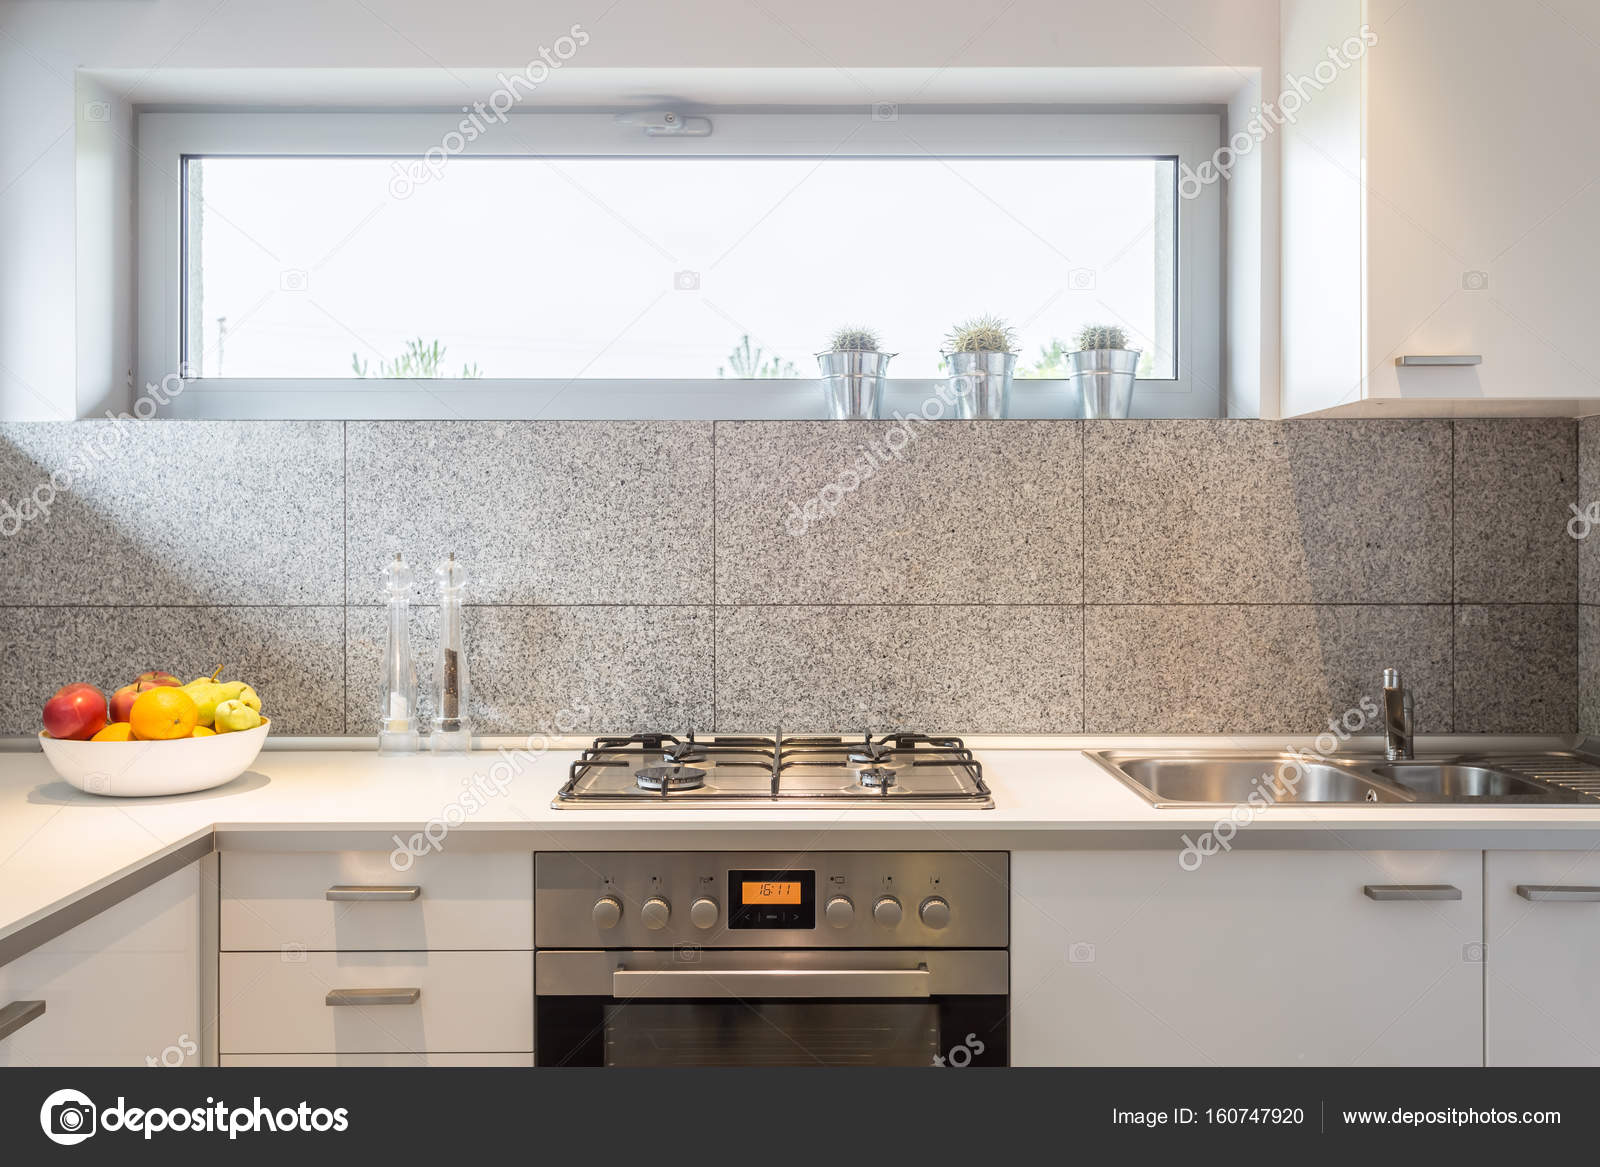 Kleine Küche Mit Beige Fliesen Und Ein Fenster U2014 Foto Von Photographee.eu.  Ähnliche Bilder Suchen